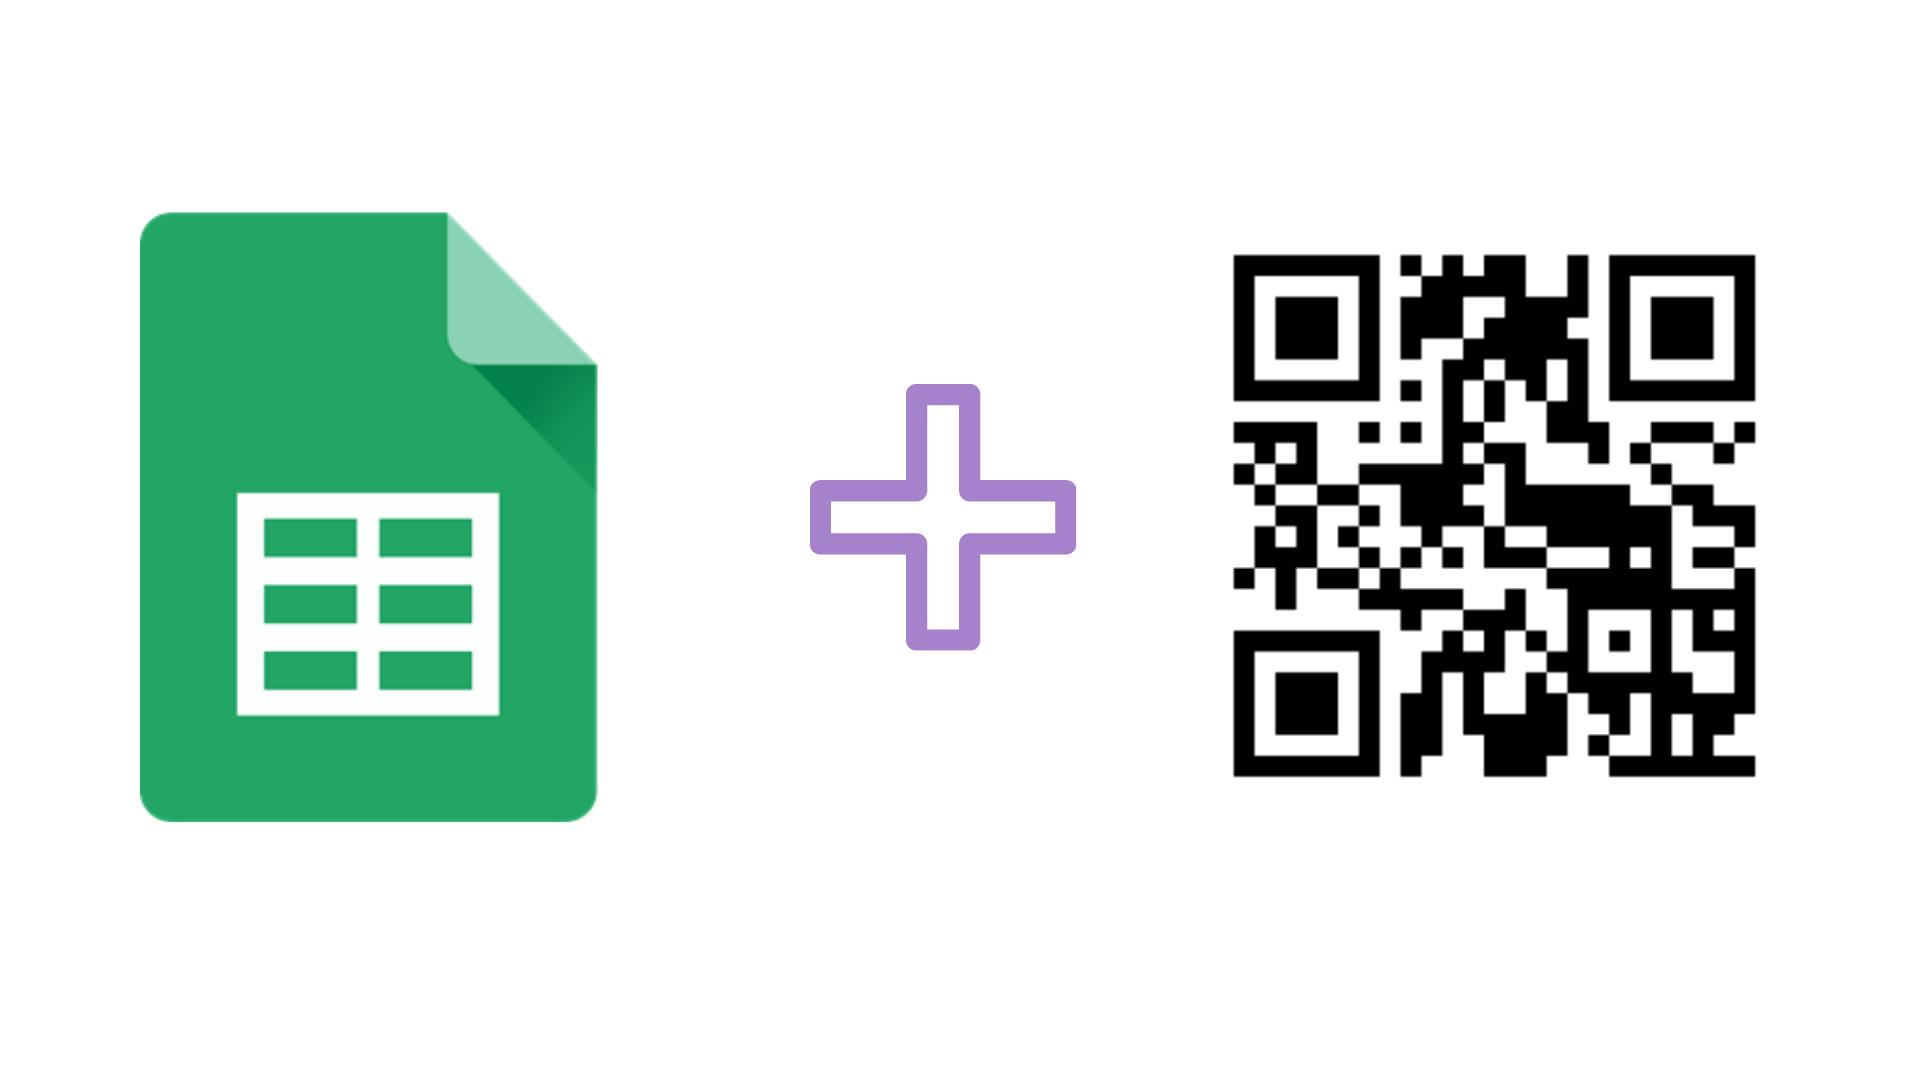 Crear códigos QR con Google Spreadsheets